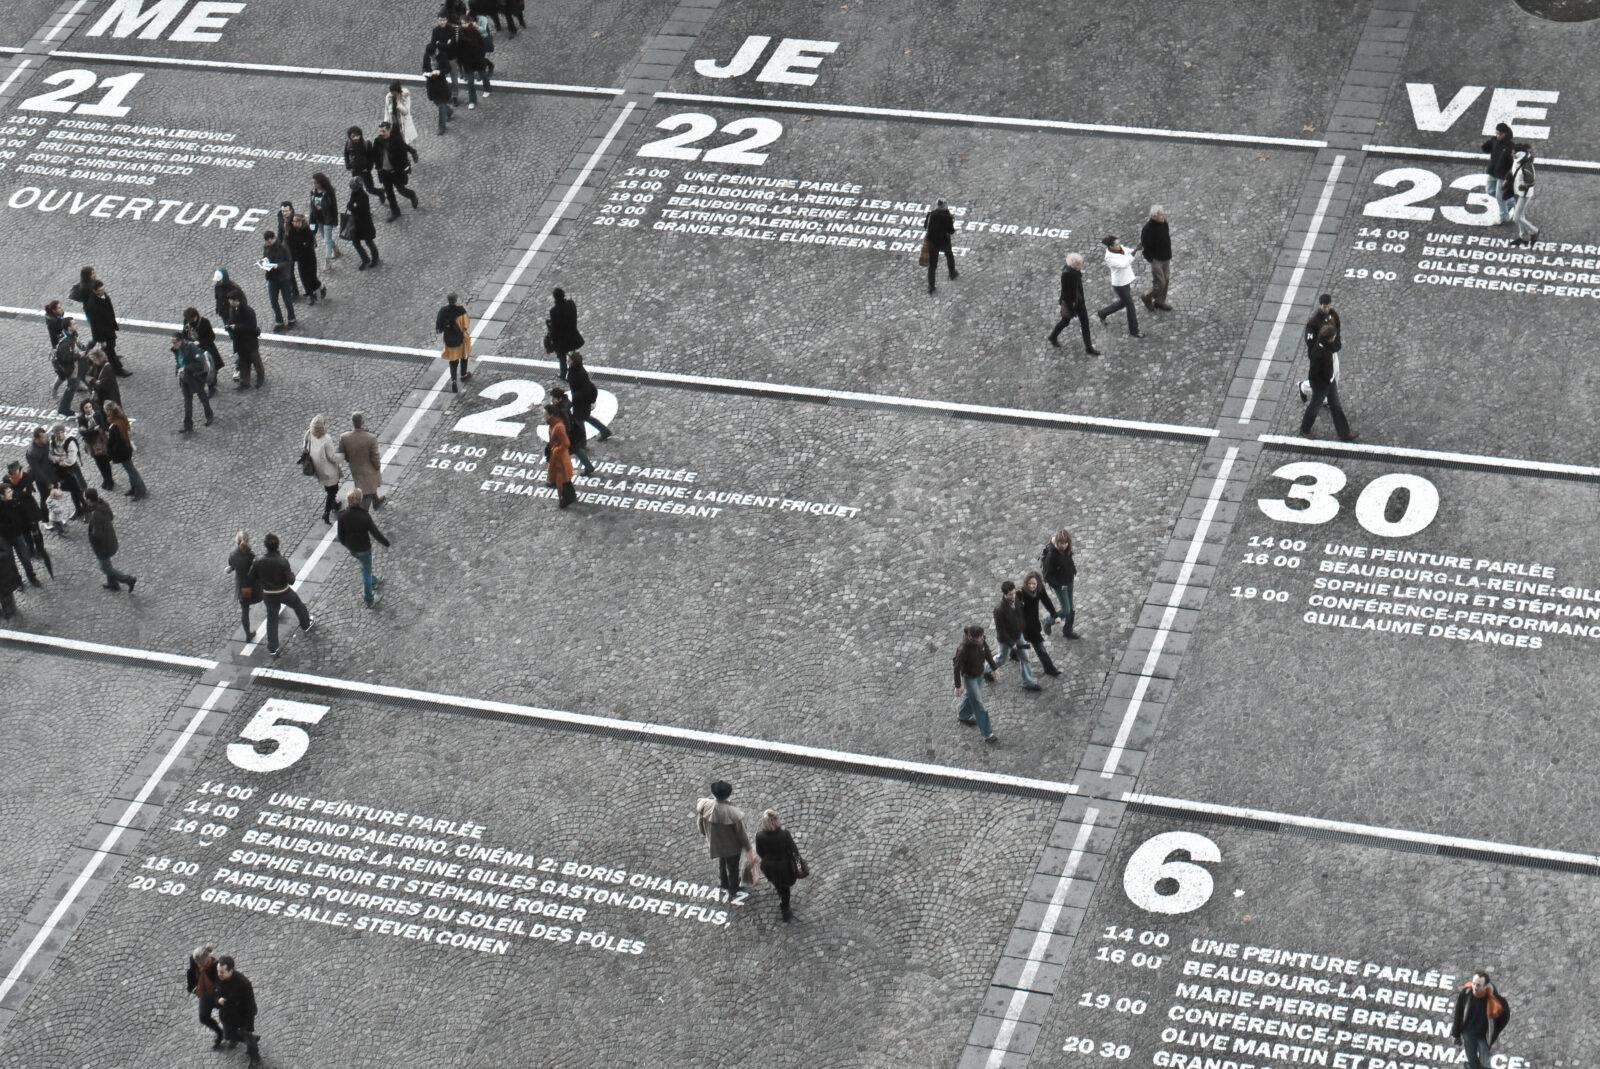 Persondata i den offentlige forvaltning